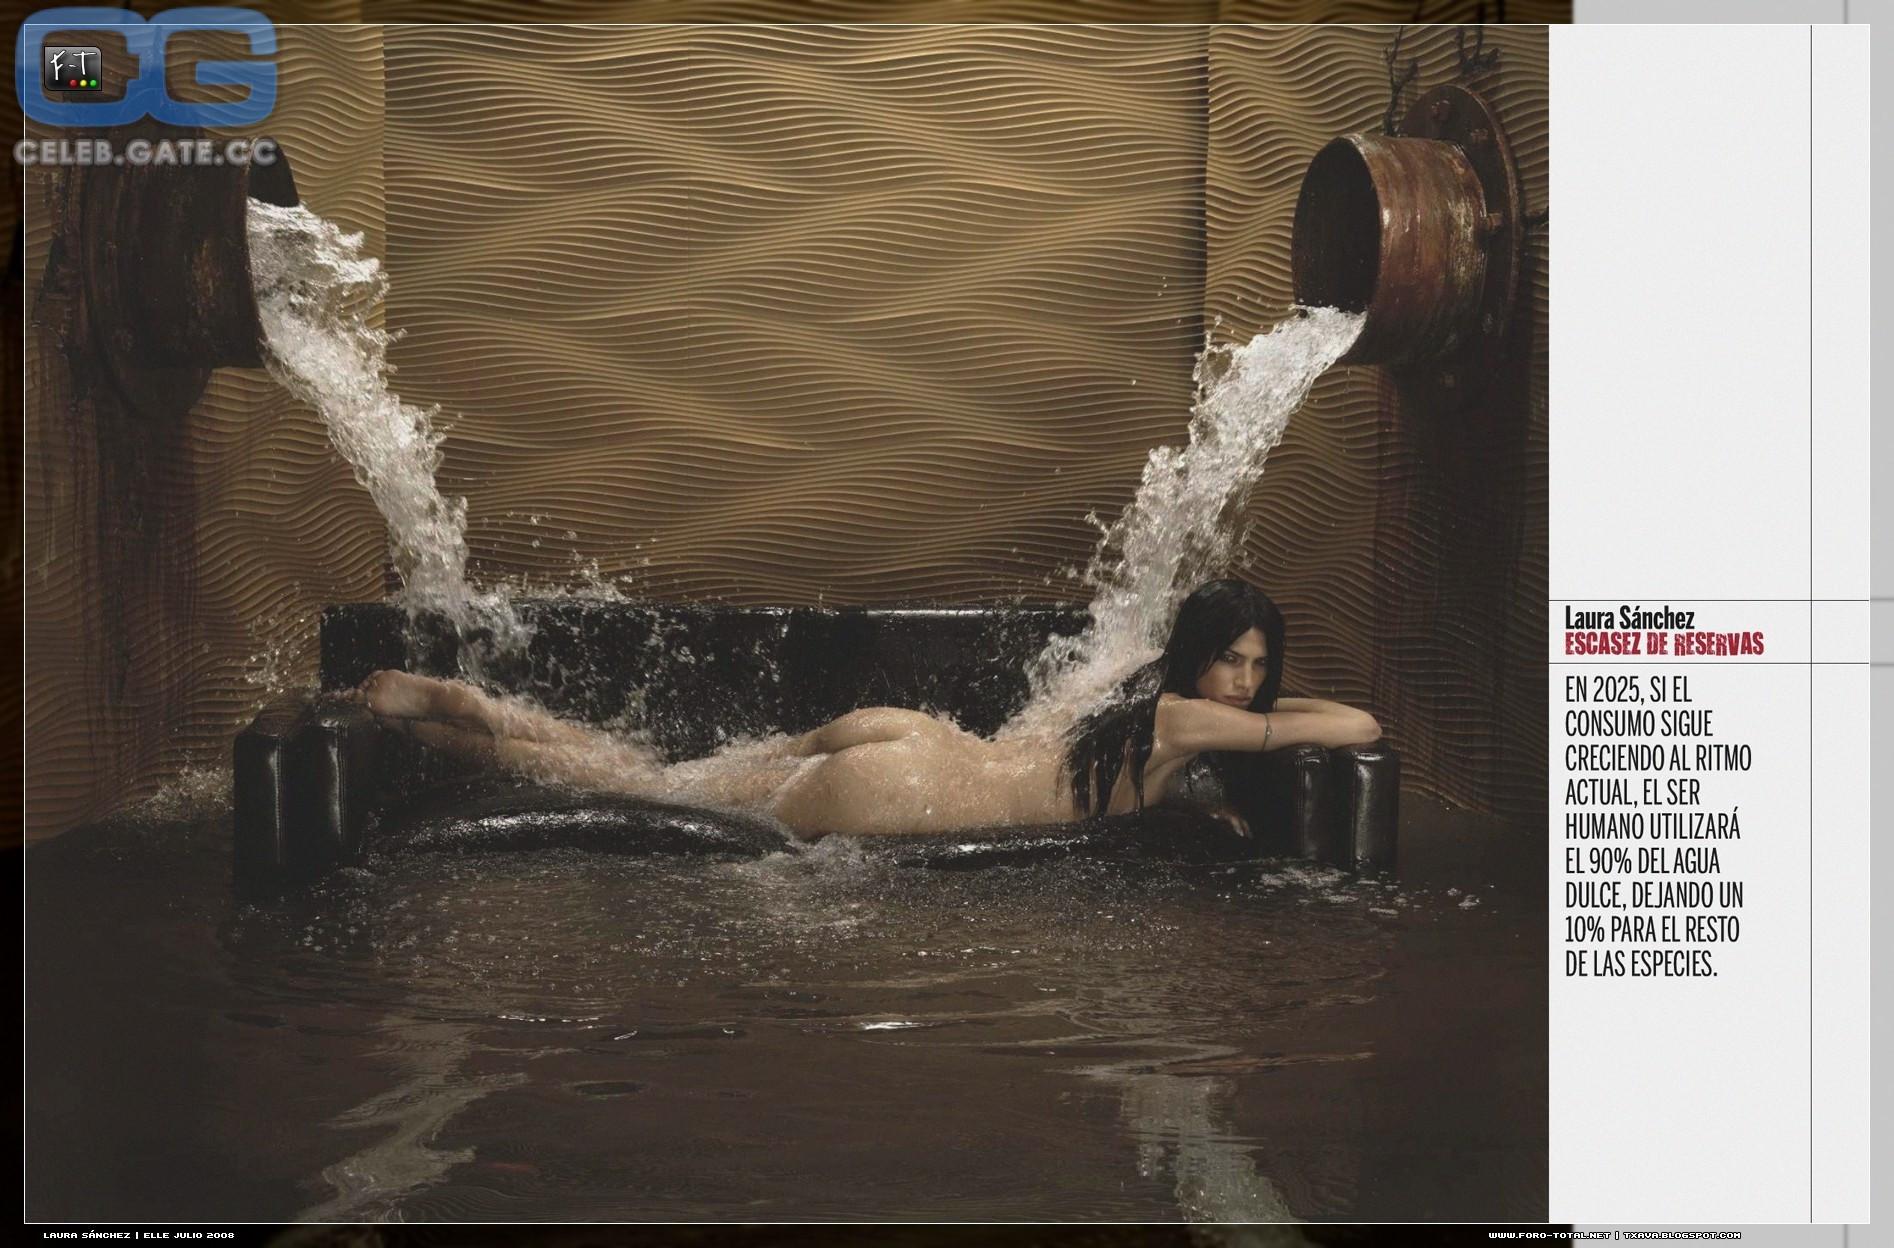 Tits Laura Sanchez Nude Images